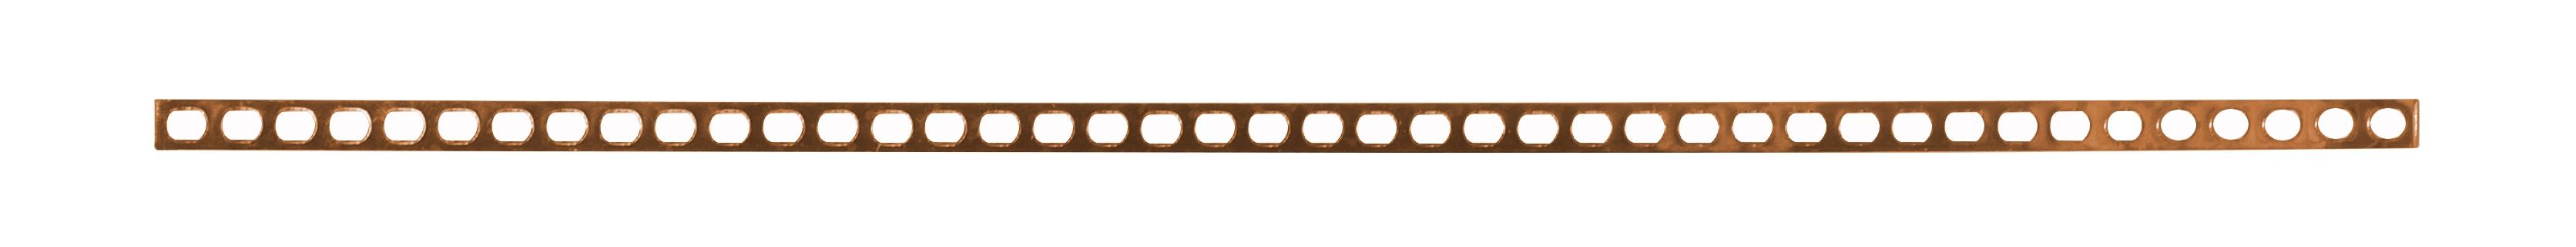 1 Stk Parallelstegbrücke für Klemme DAS 4mm² IK100458--